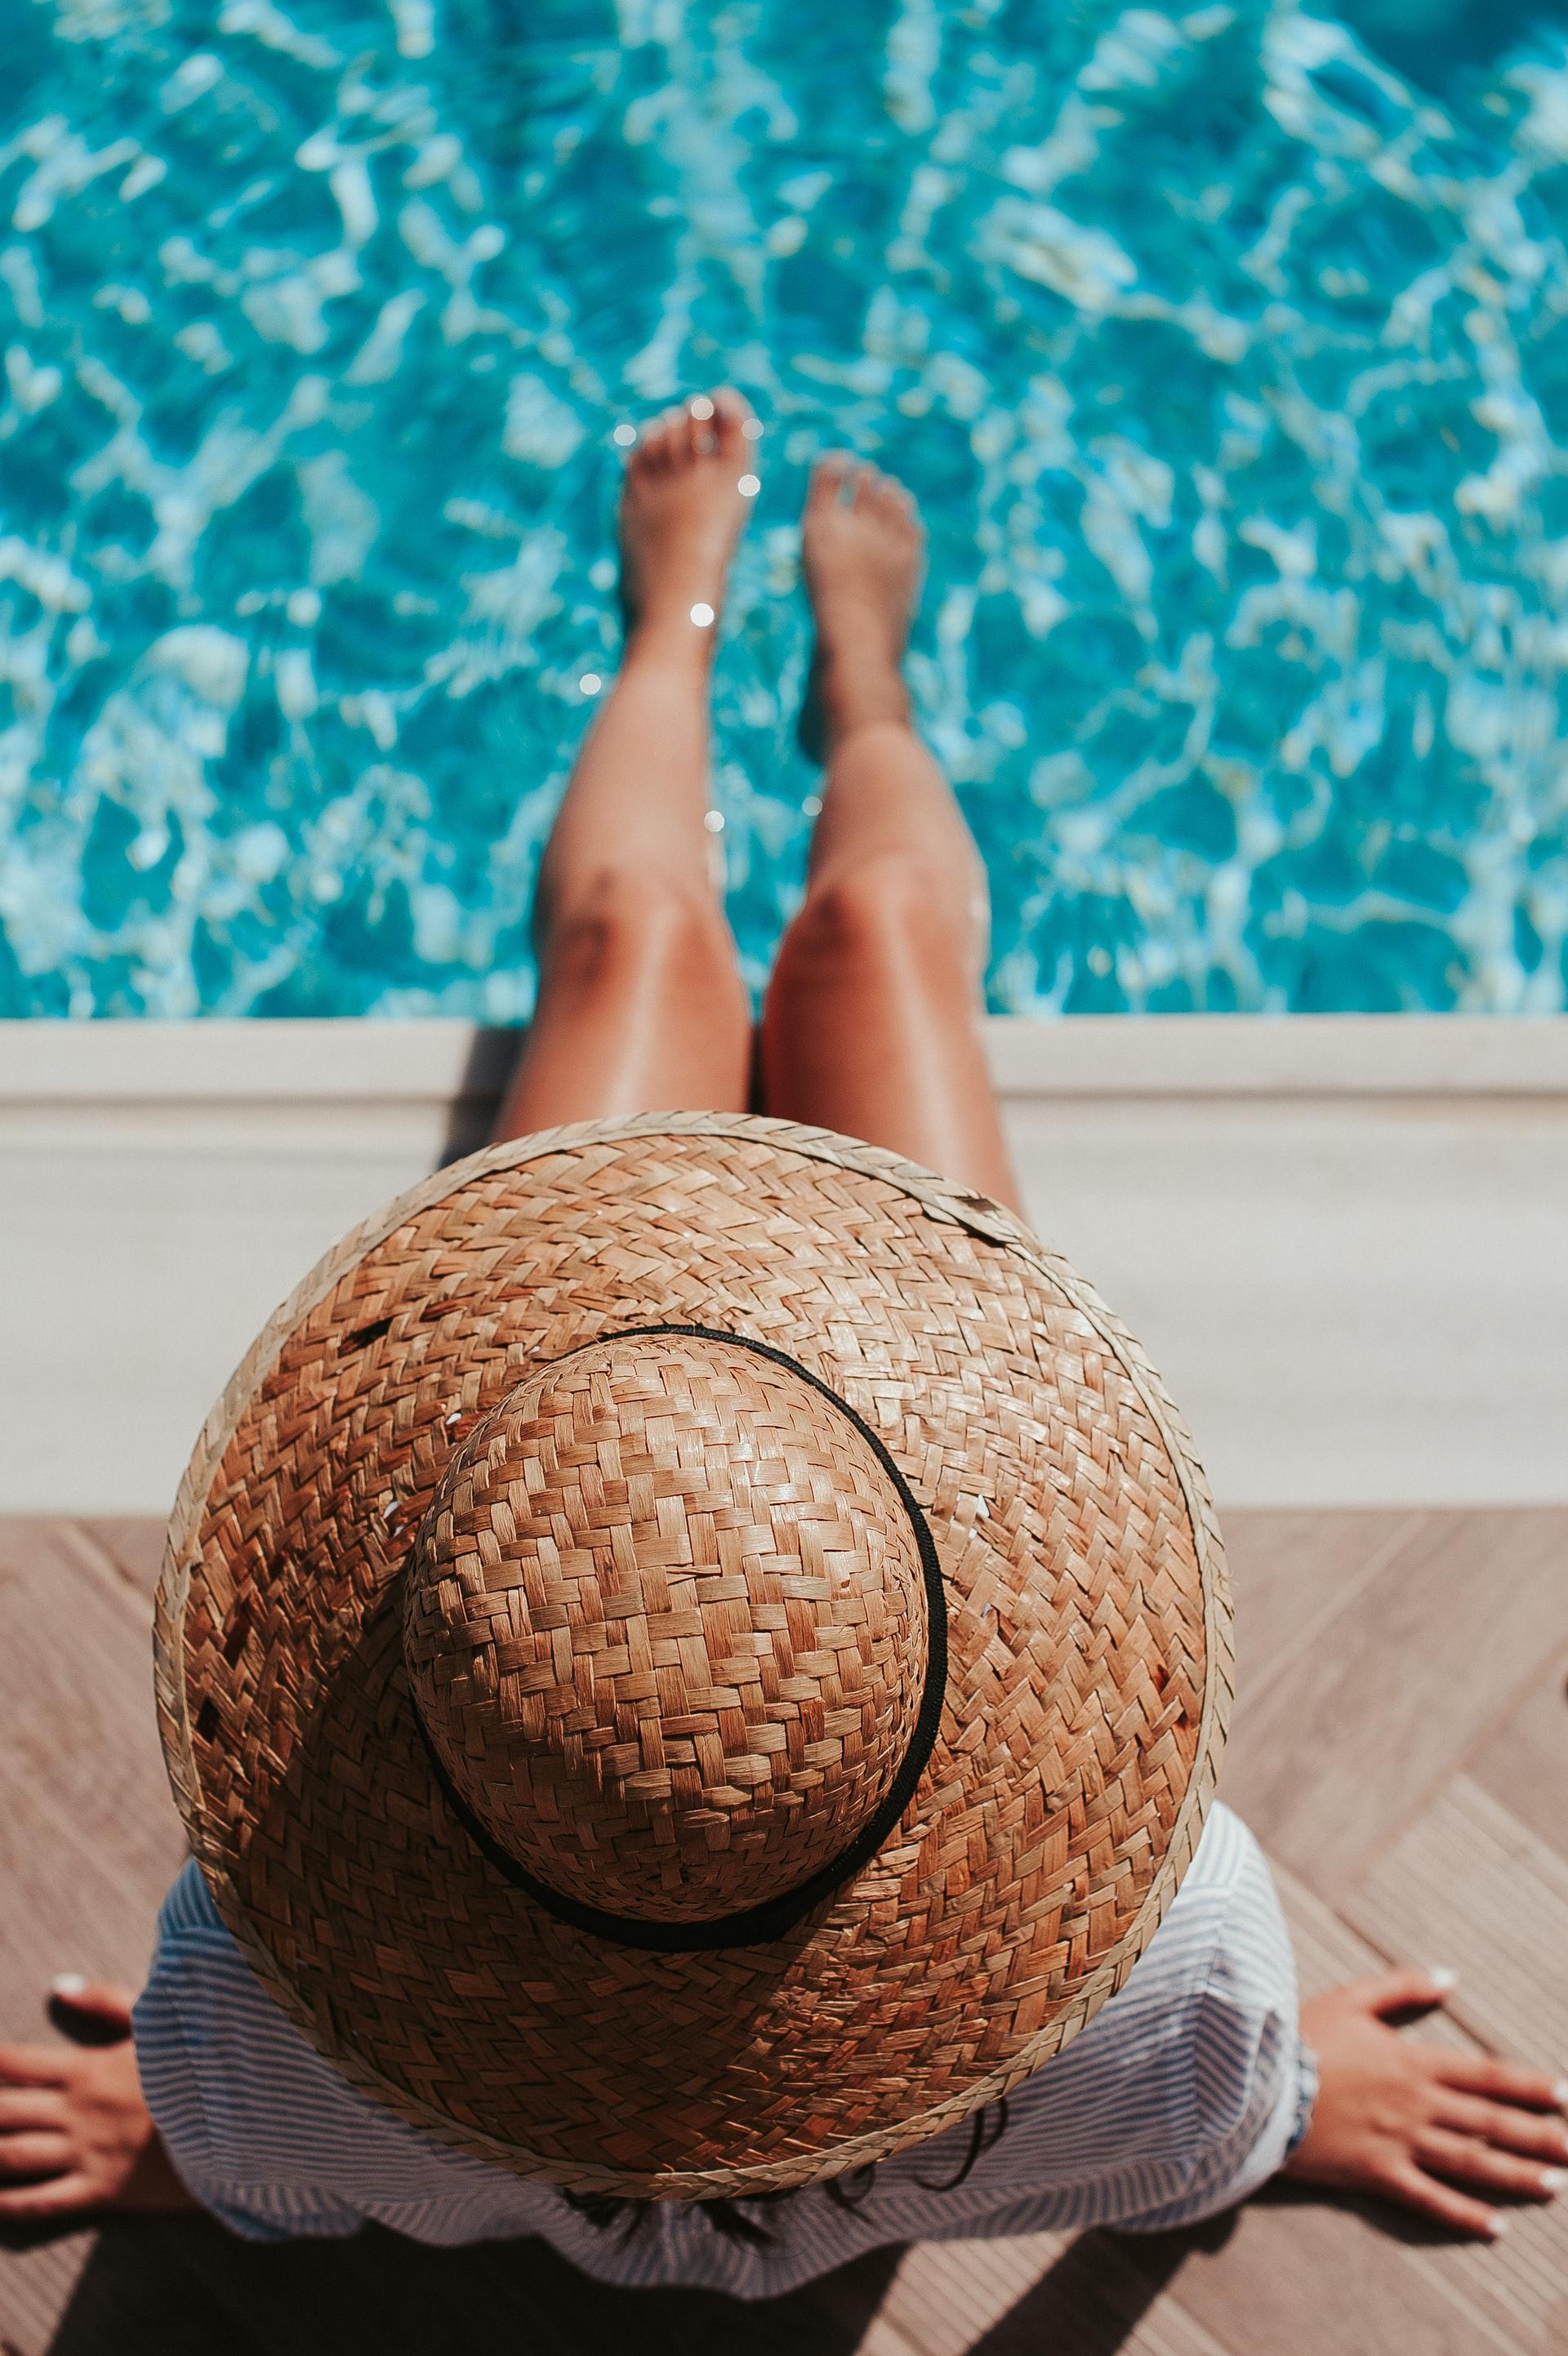 Sådan kan du holde risikofri sommerferie